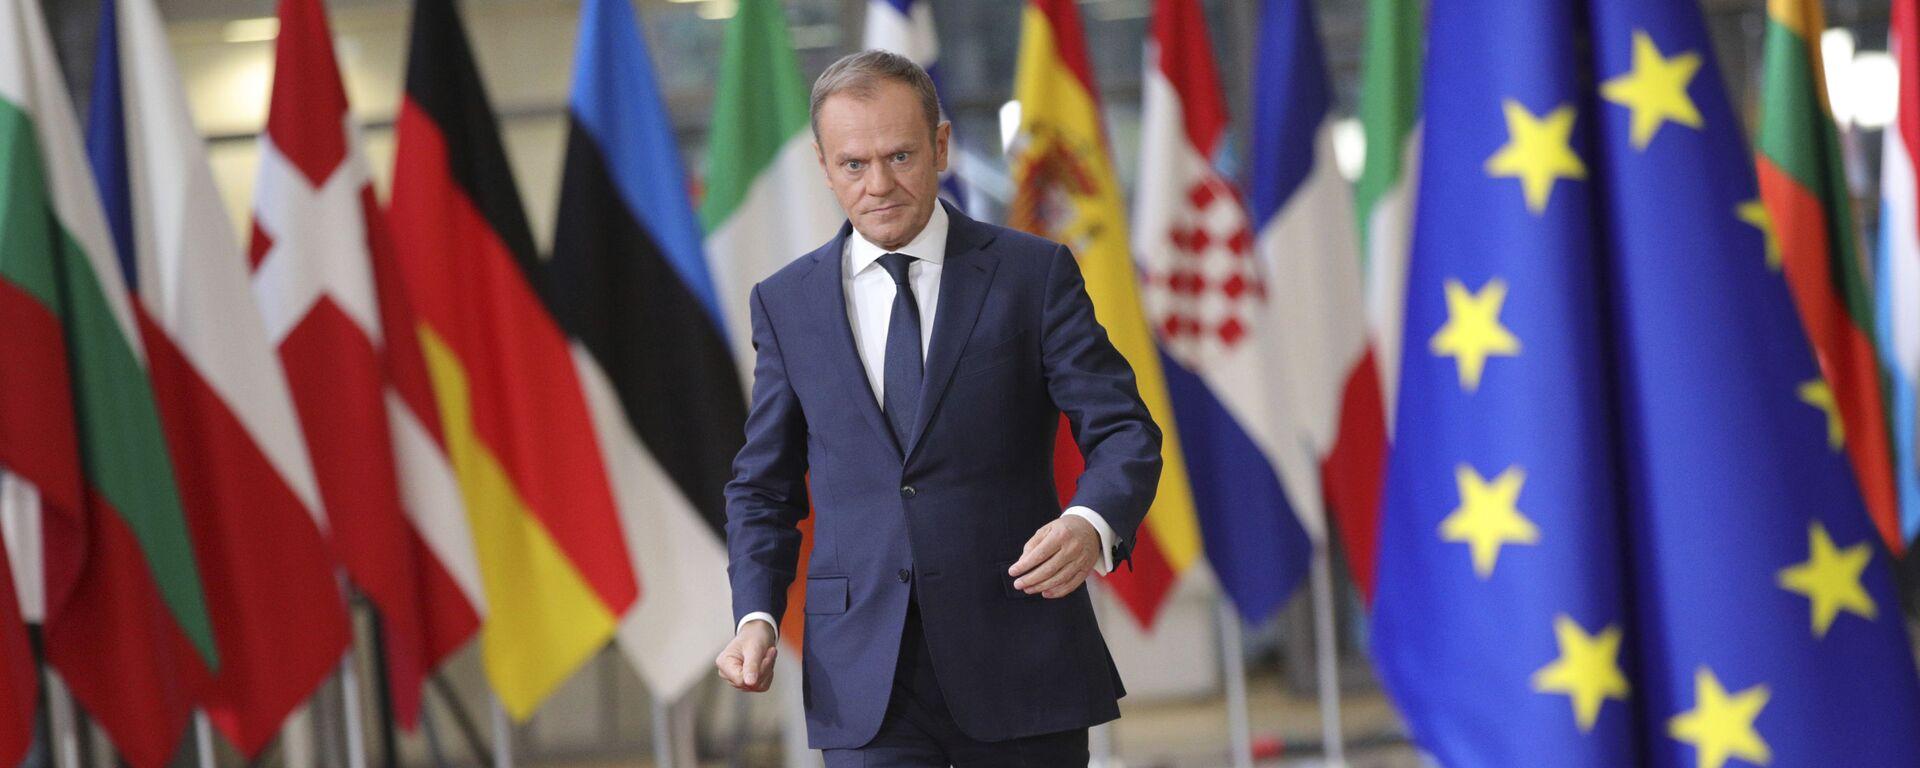 Przewodniczący Rady Europejskiej Donald Tusk - Sputnik Polska, 1920, 19.05.2021